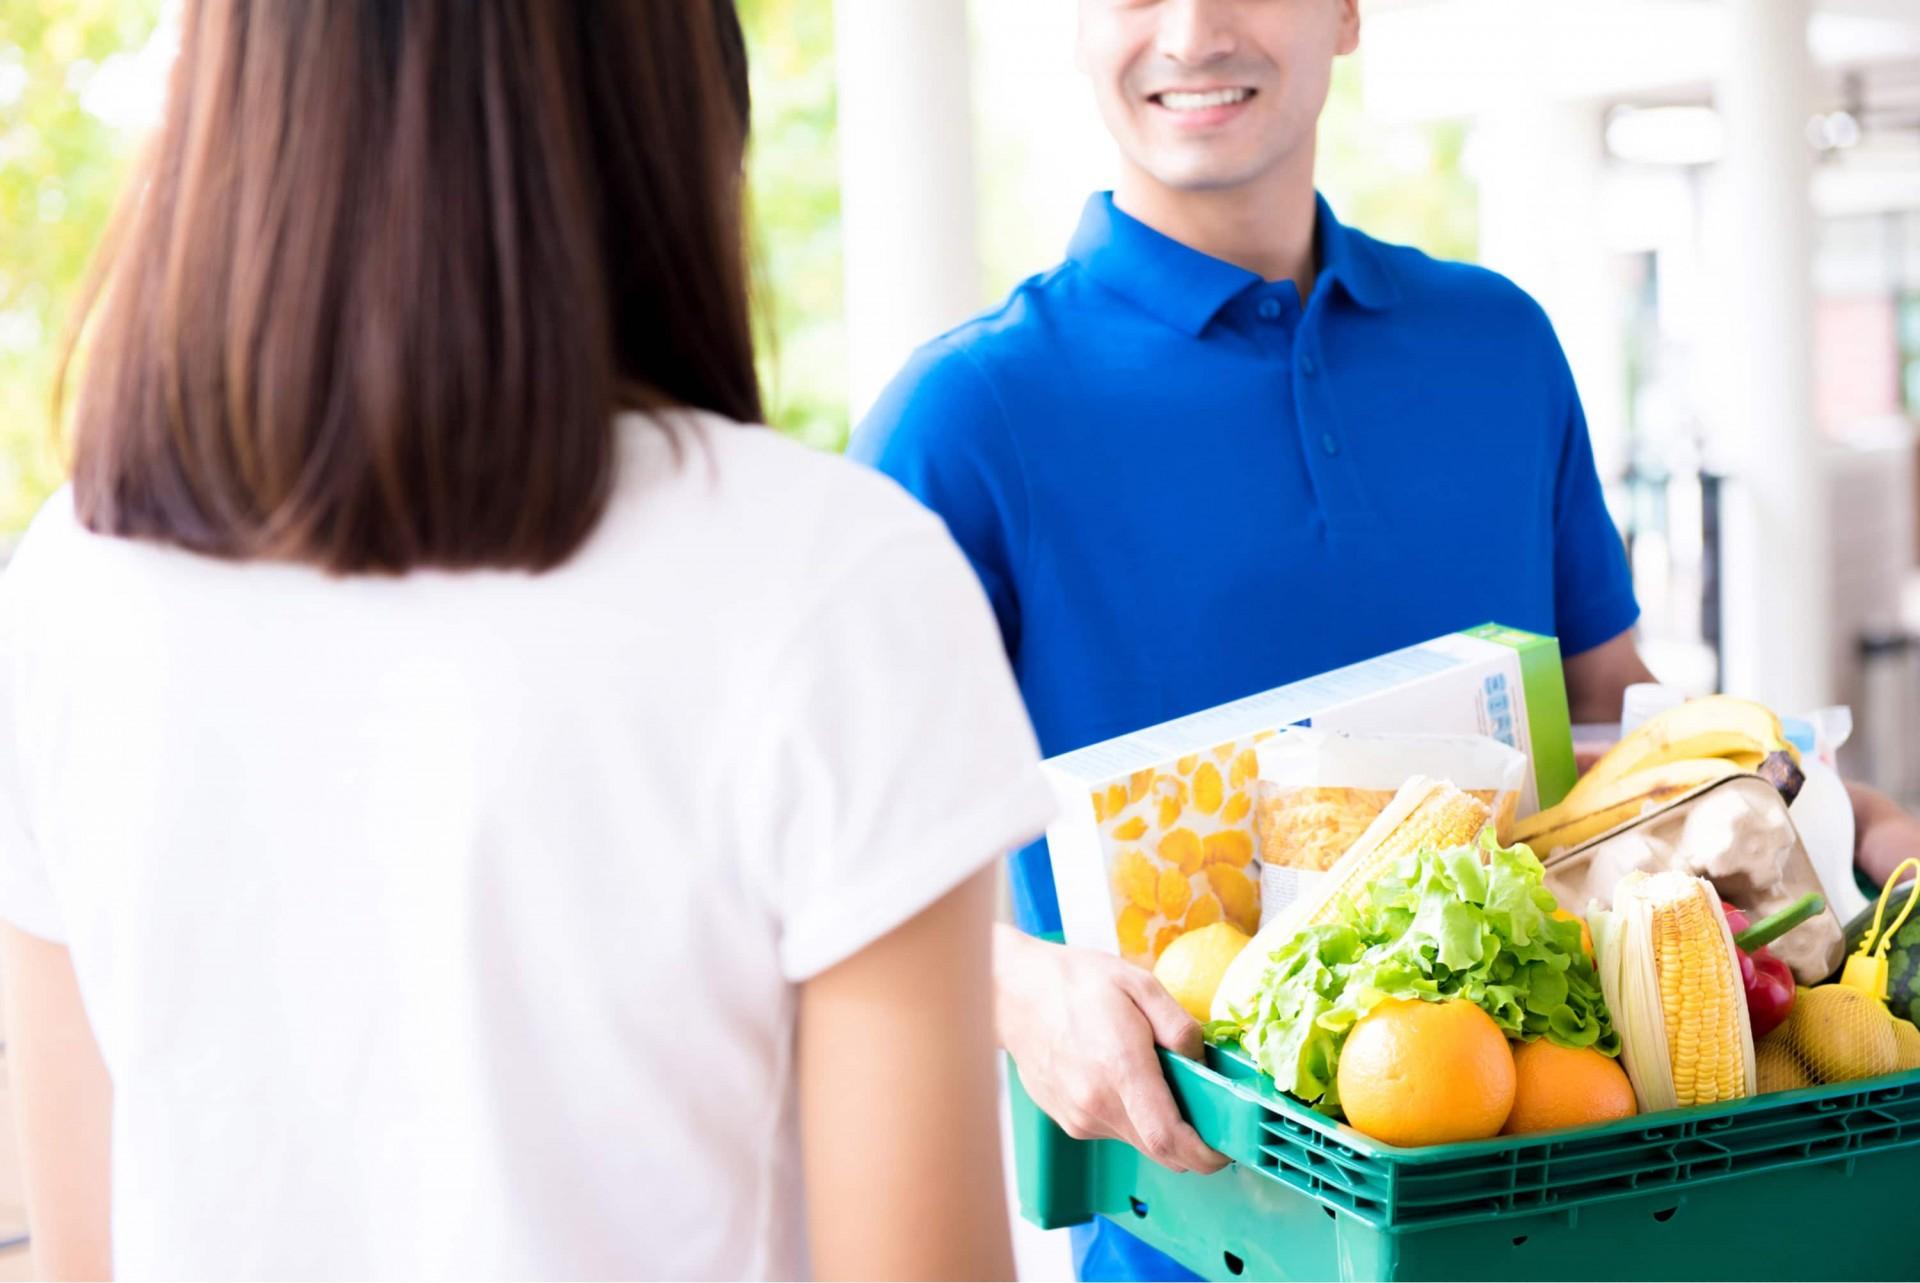 🛵 Saiba quais são as empresas da Madeira que fazem entregas ao domicilio